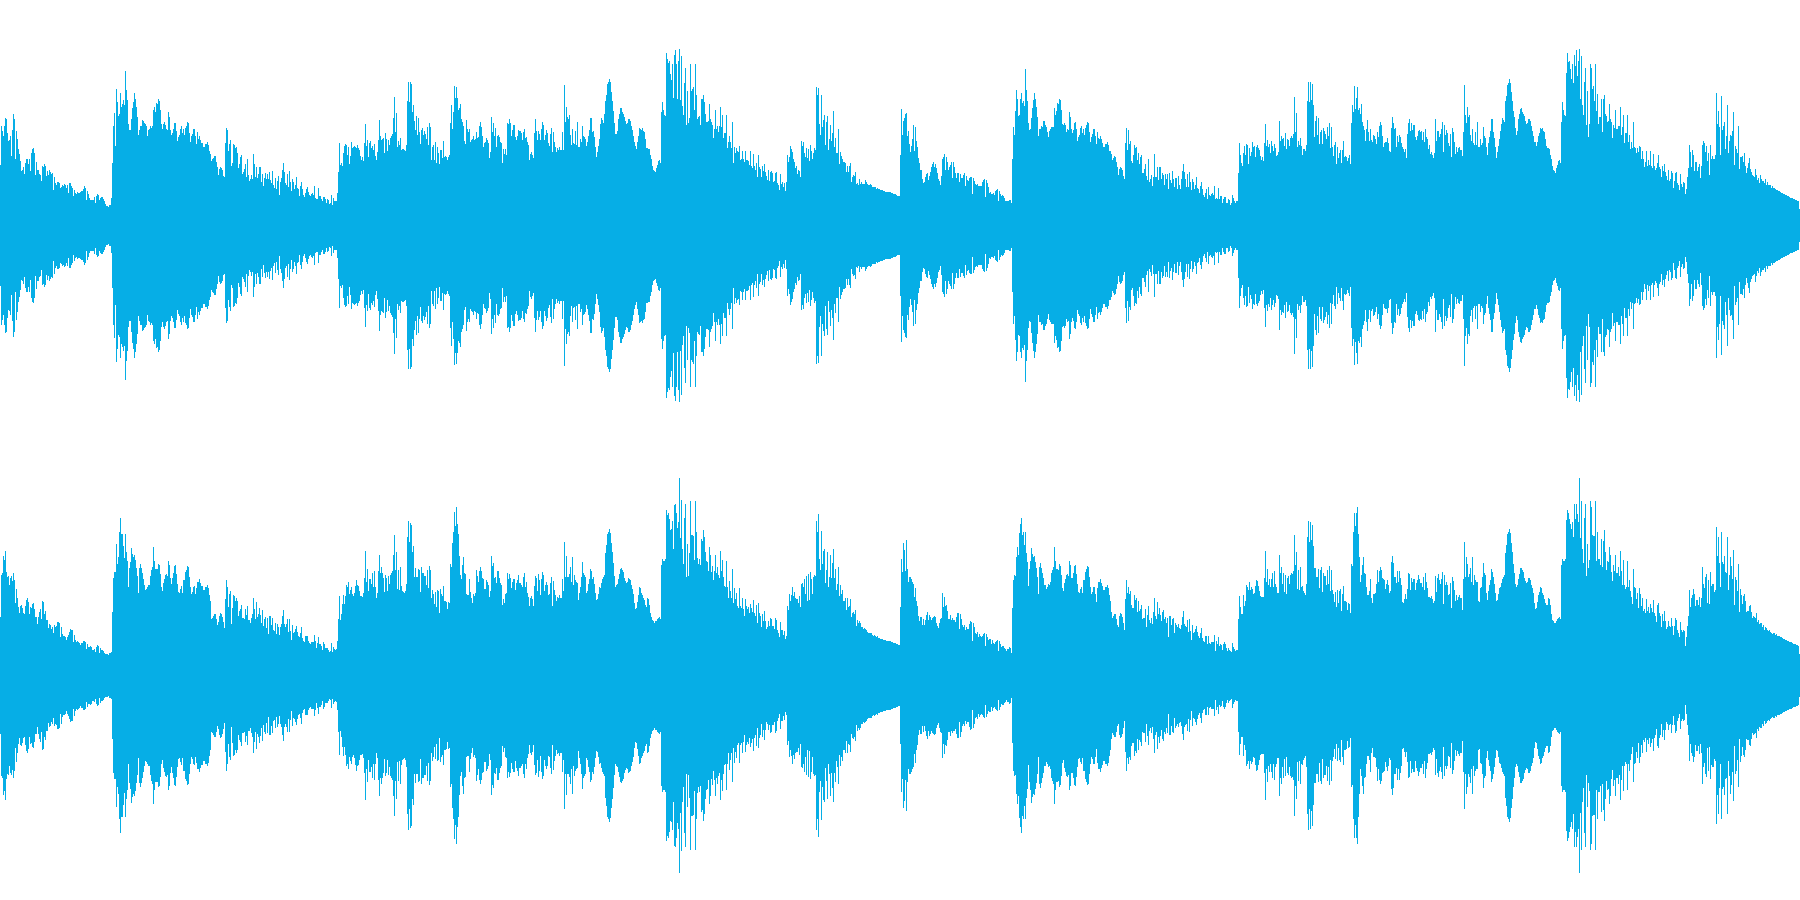 しっとりした雰囲気 (ループ仕様)の再生済みの波形